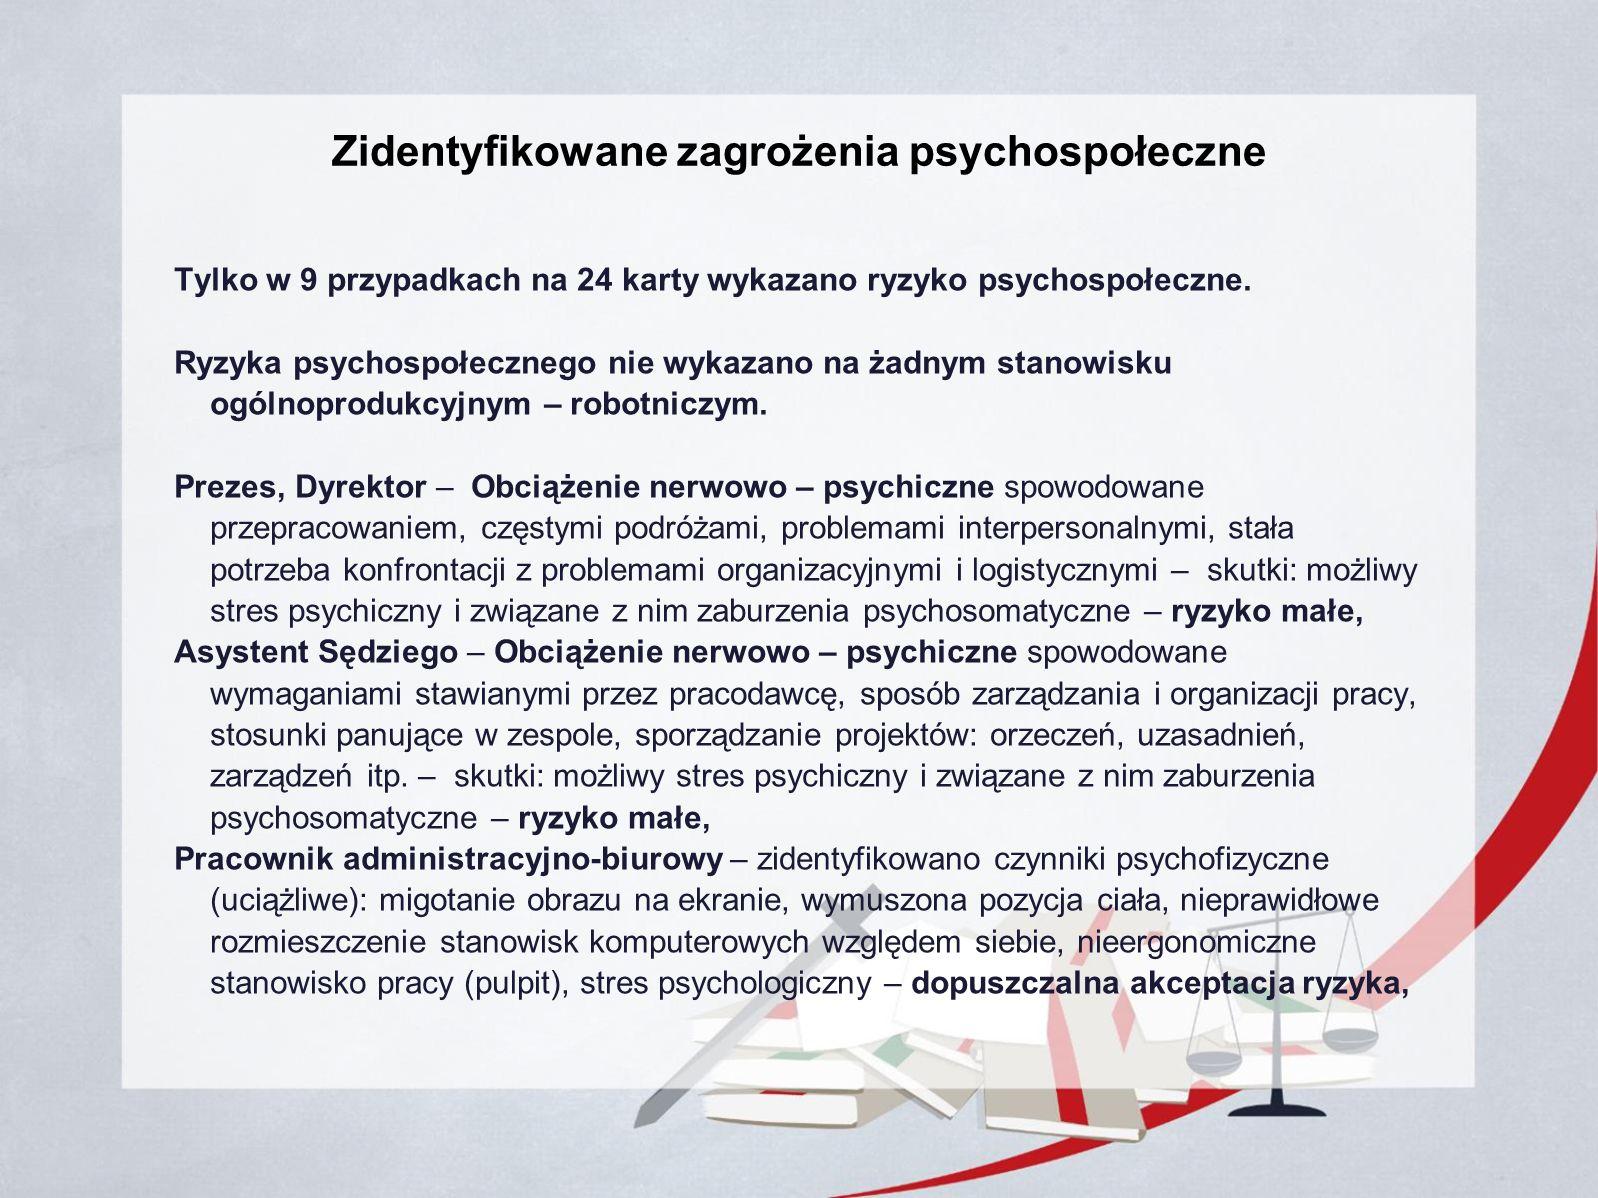 Zidentyfikowane zagrożenia psychospołeczne Tylko w 9 przypadkach na 24 karty wykazano ryzyko psychospołeczne.